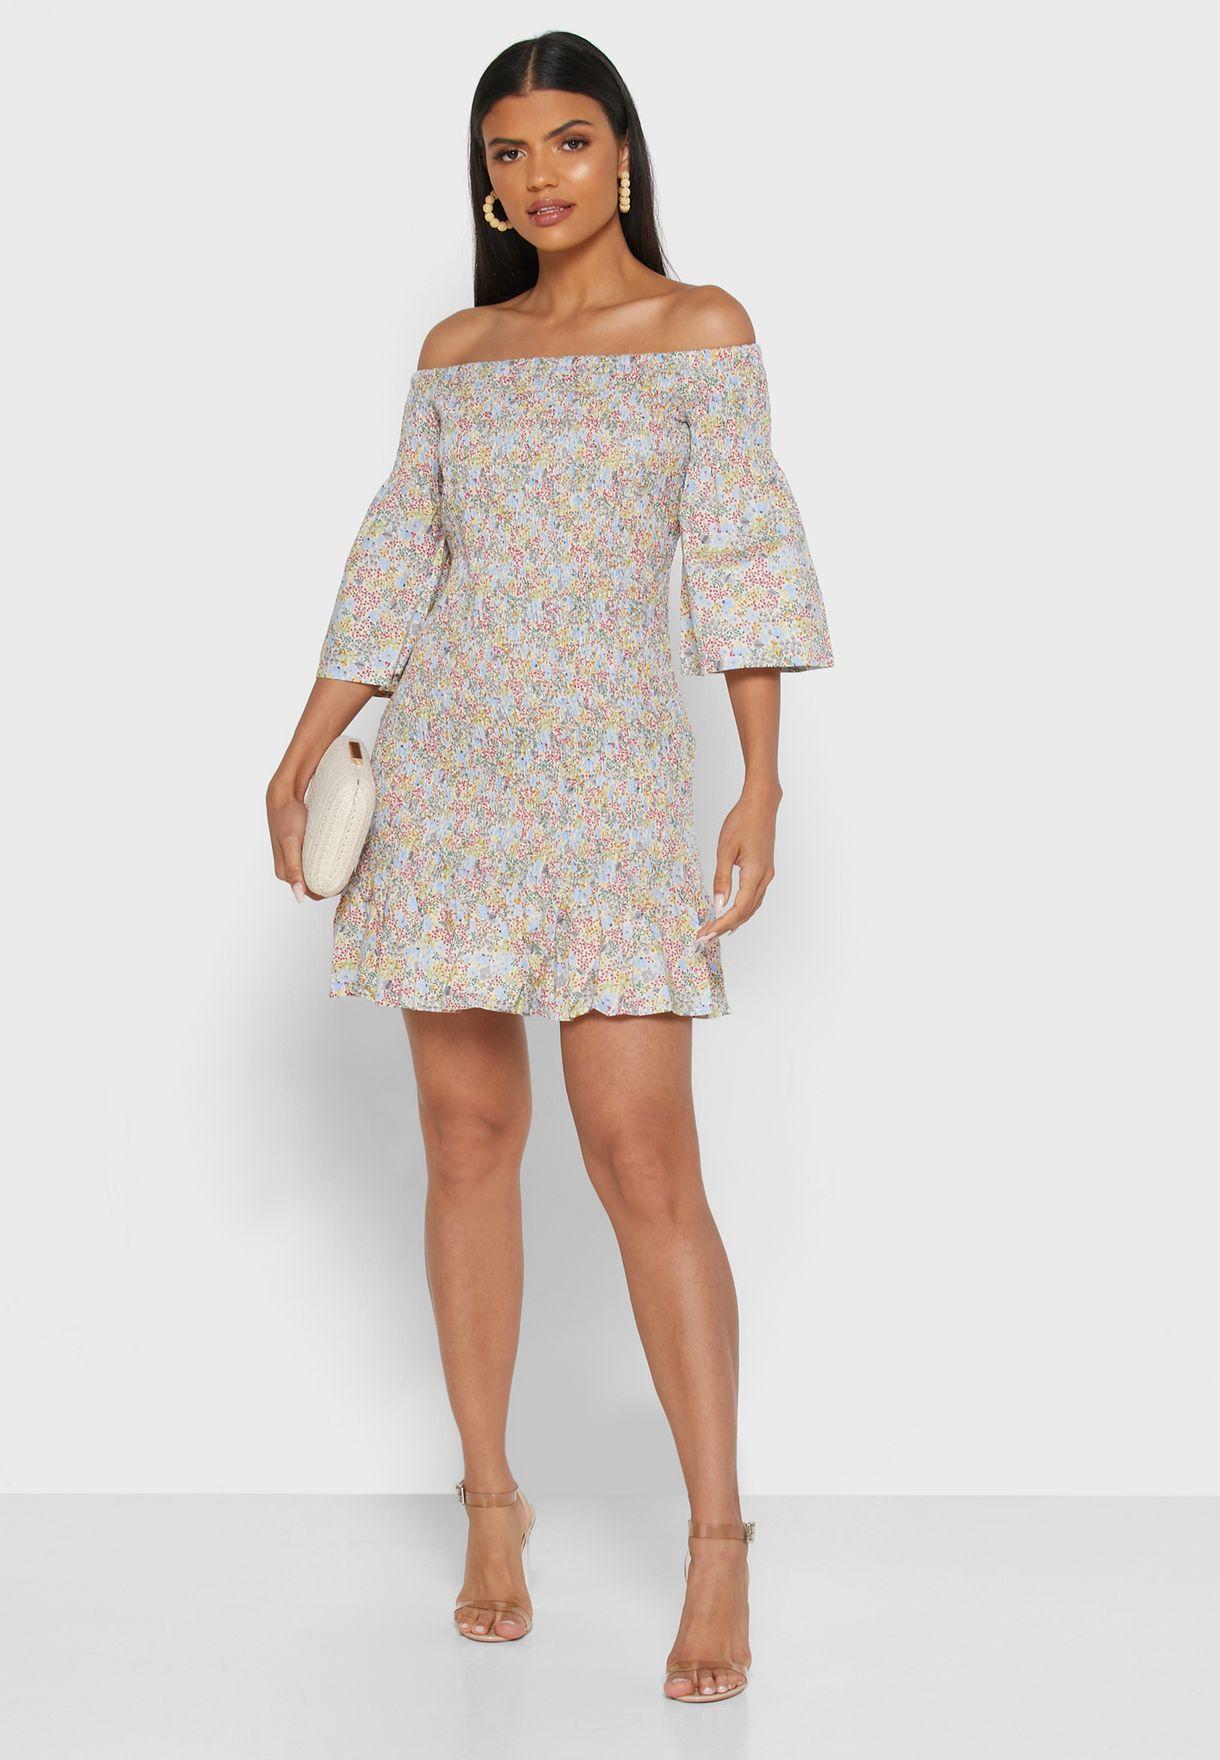 فستان بطبعات ازهار يكشف الاكتاف